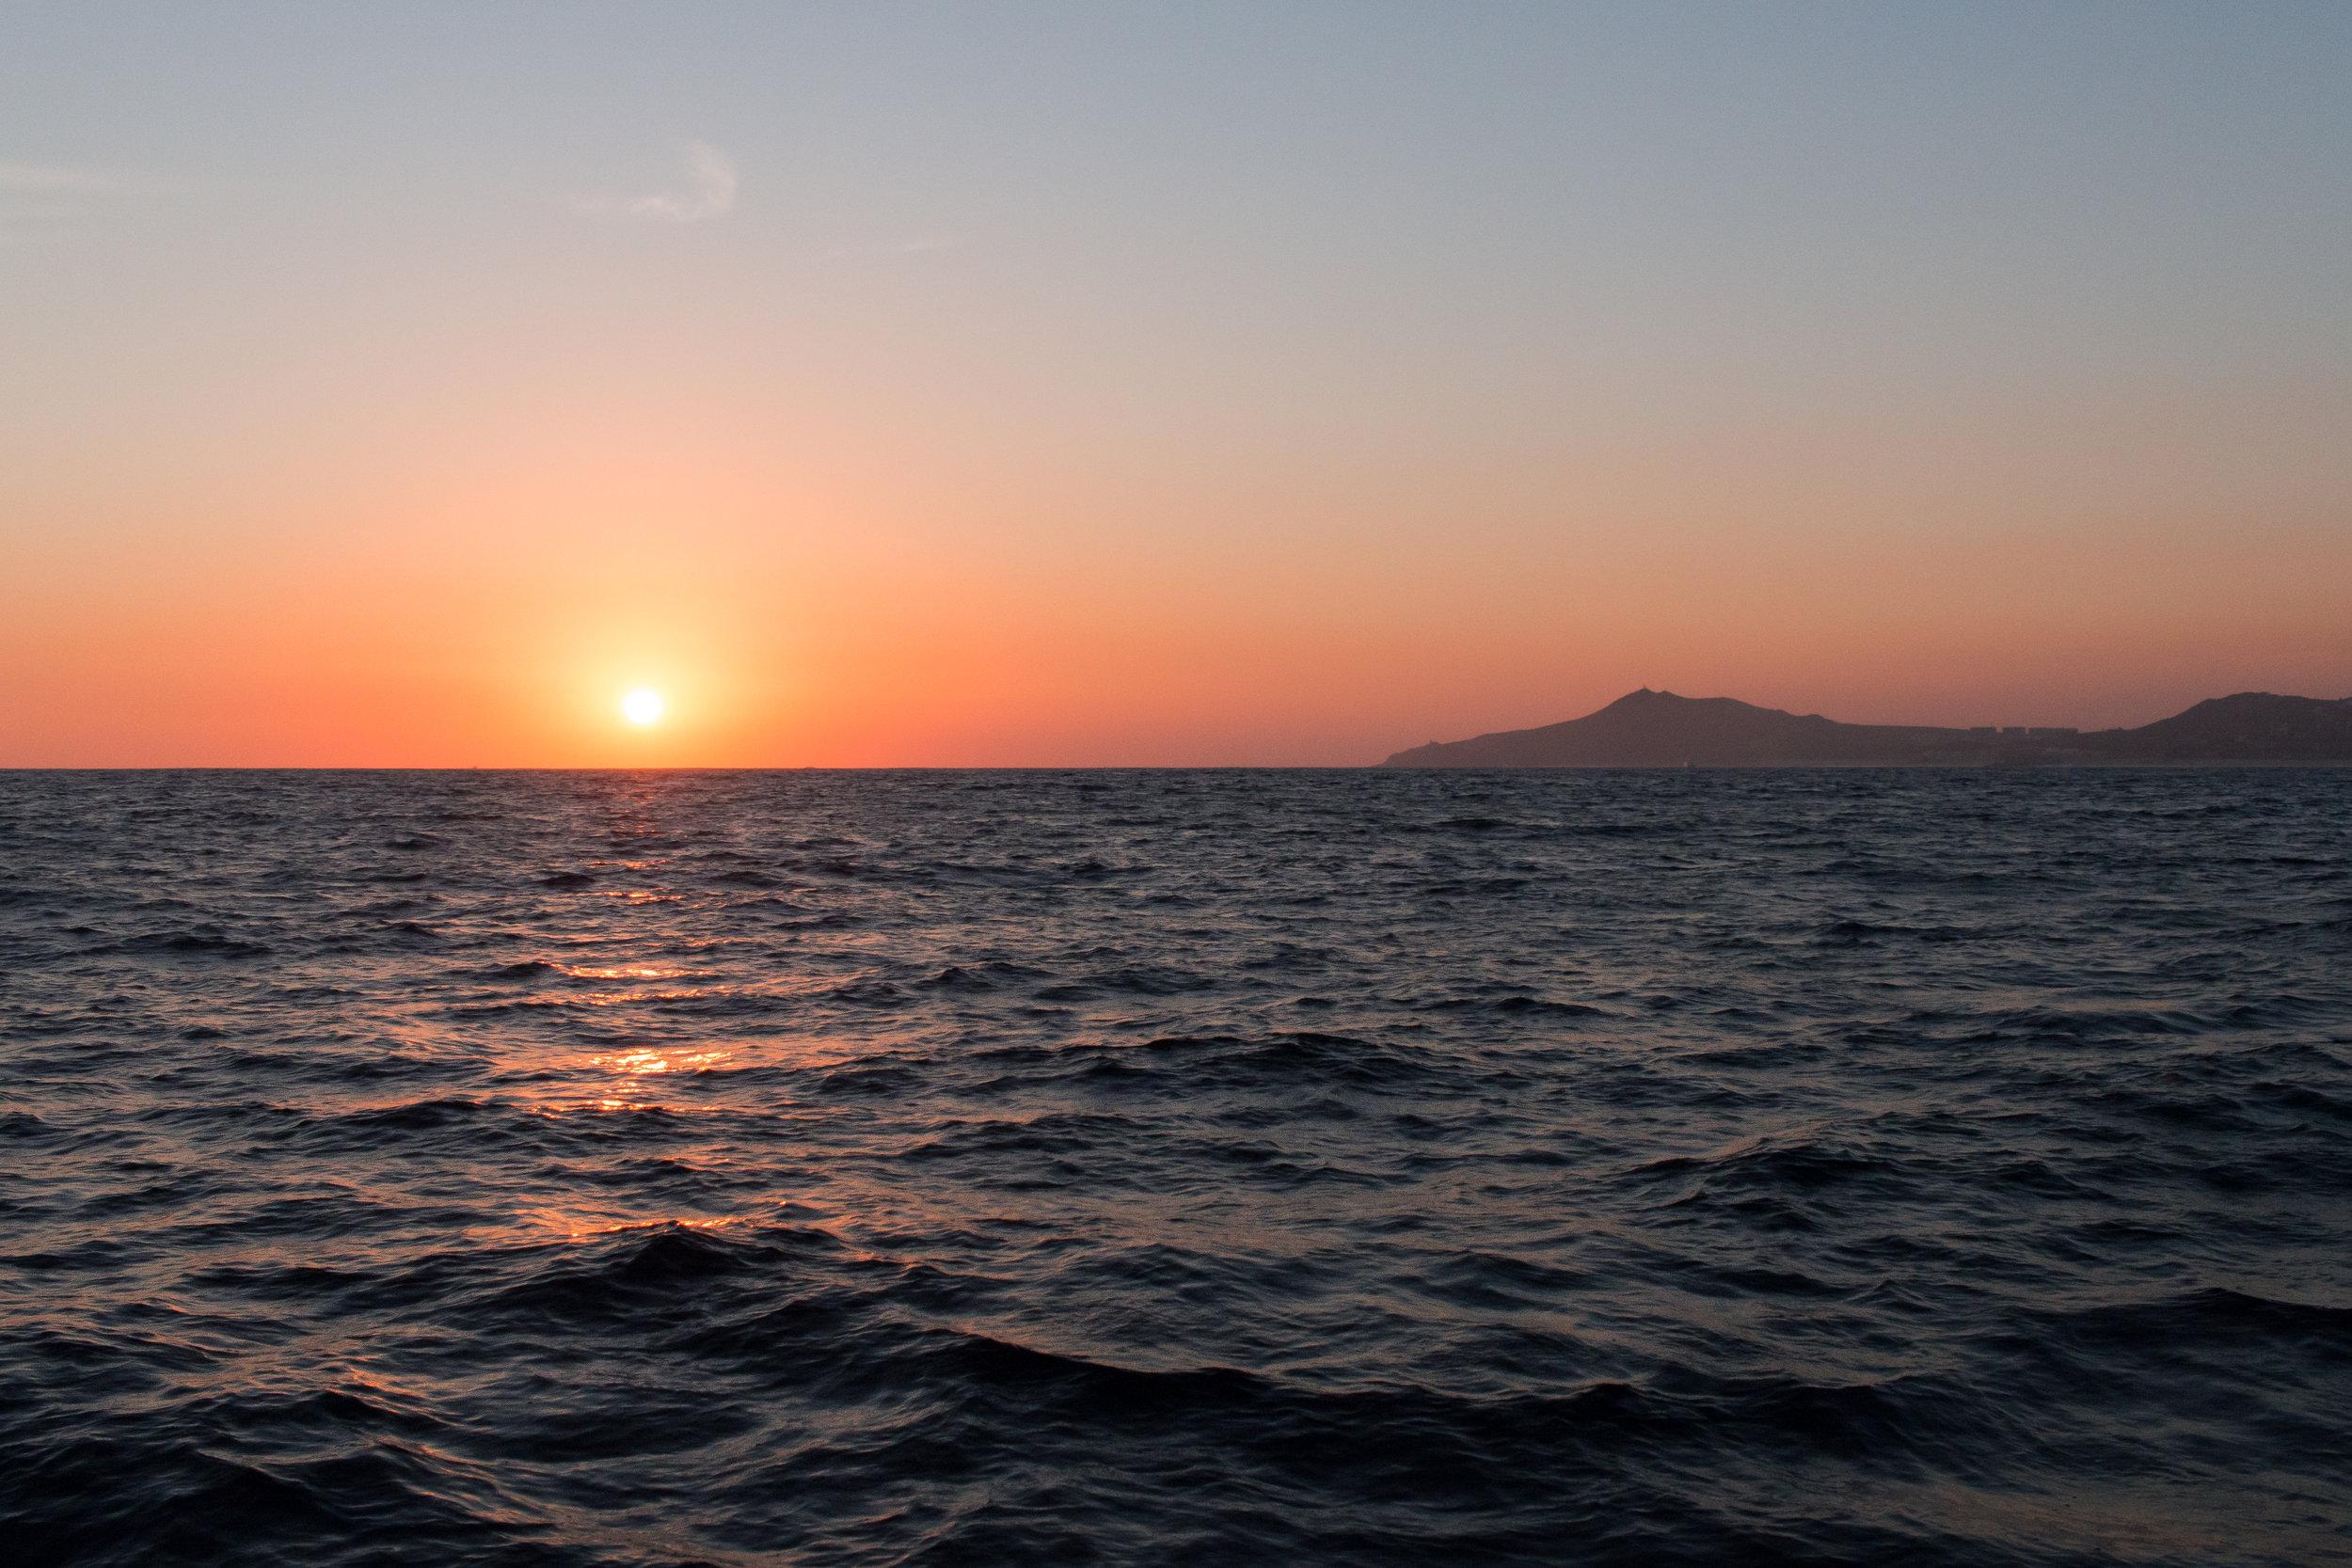 sunset-cabo-sailing-cabo-san-lucas-marina-tours